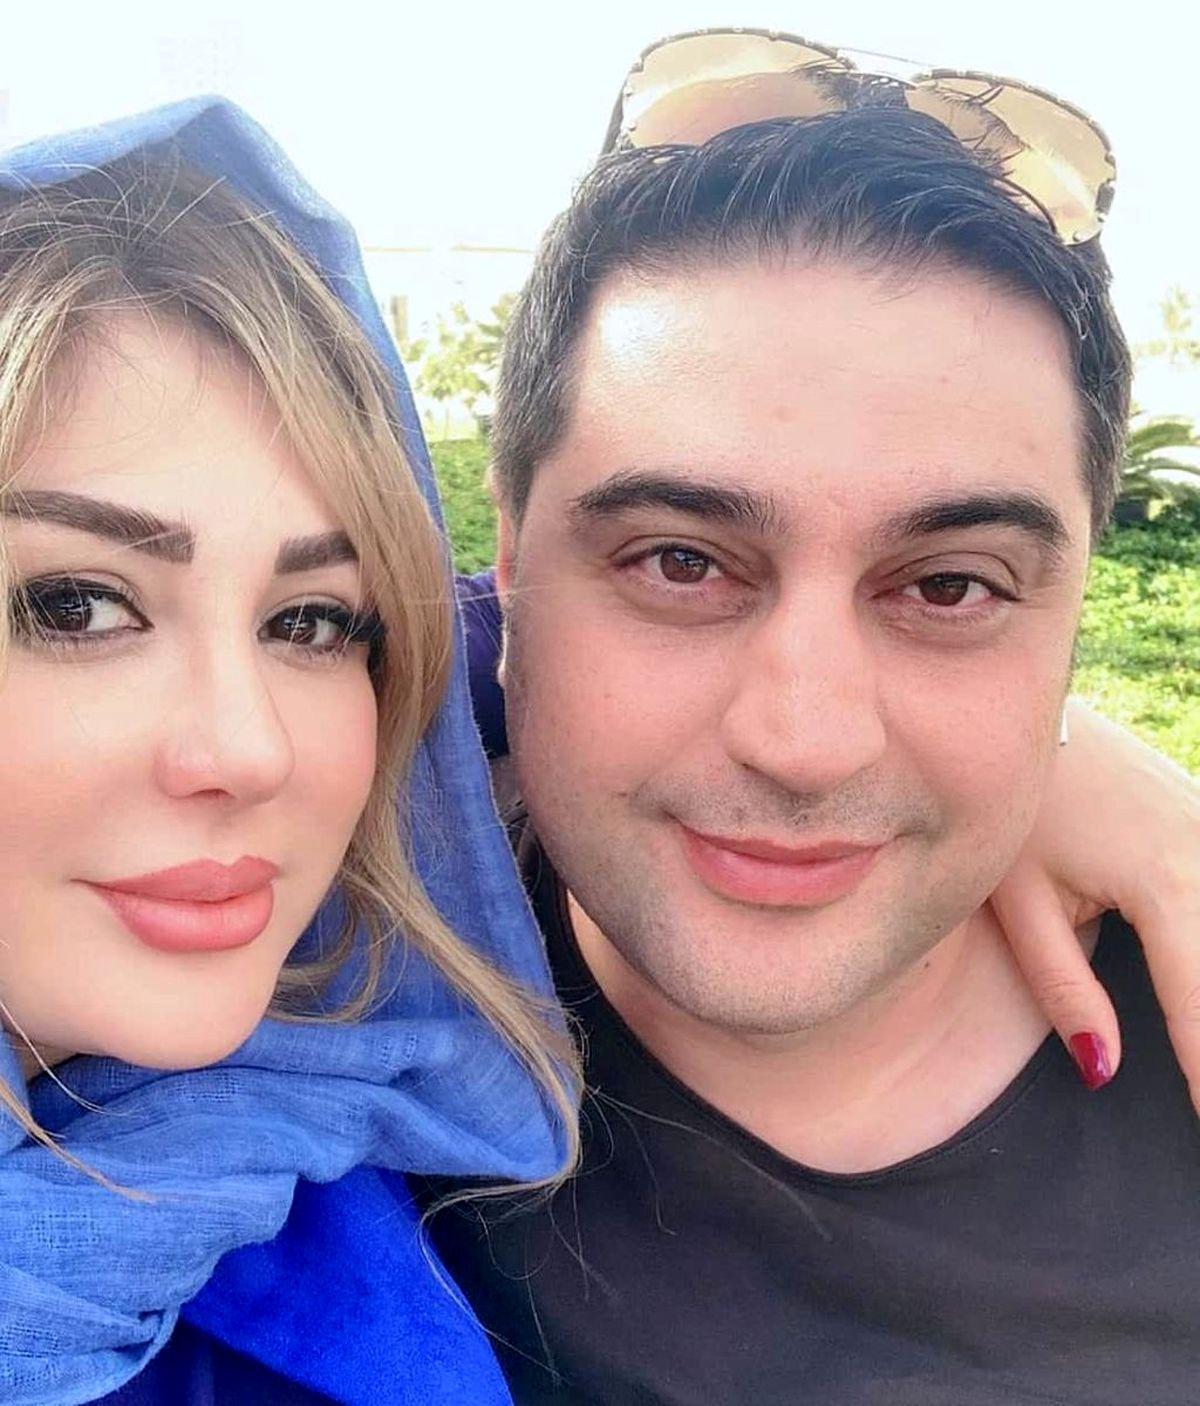 نیوشا ضیغمی از همسر ثروتمندش طلاق گرفت؟ + عکس